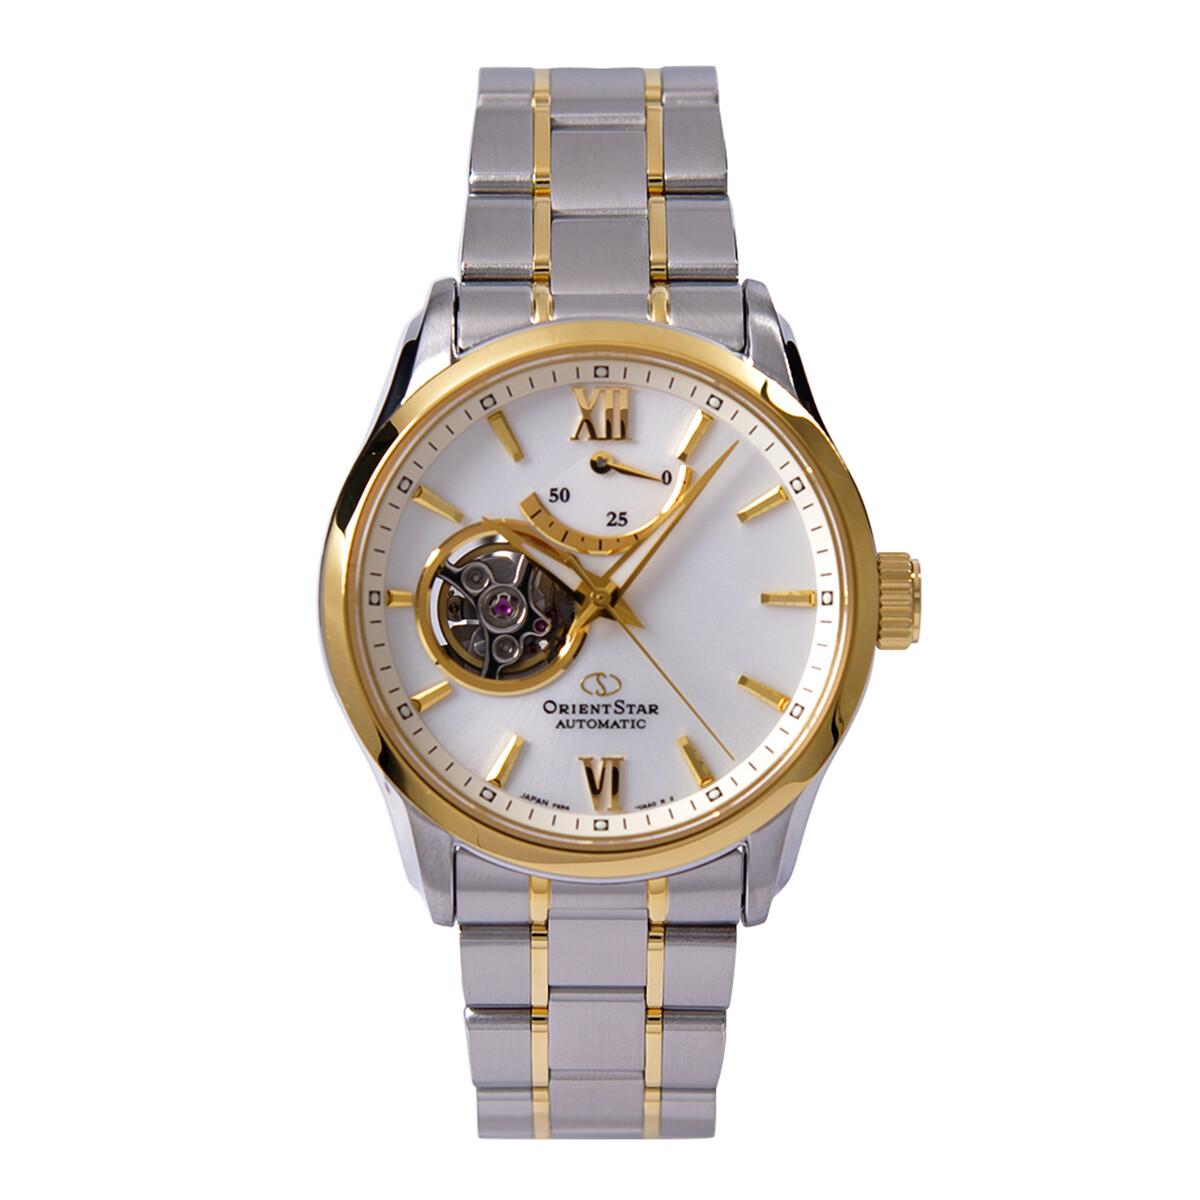 reloj automático hombre Orient Star RE-AT0004S dial blanco 39.3mm bisel dorado correa acero 2 tonos